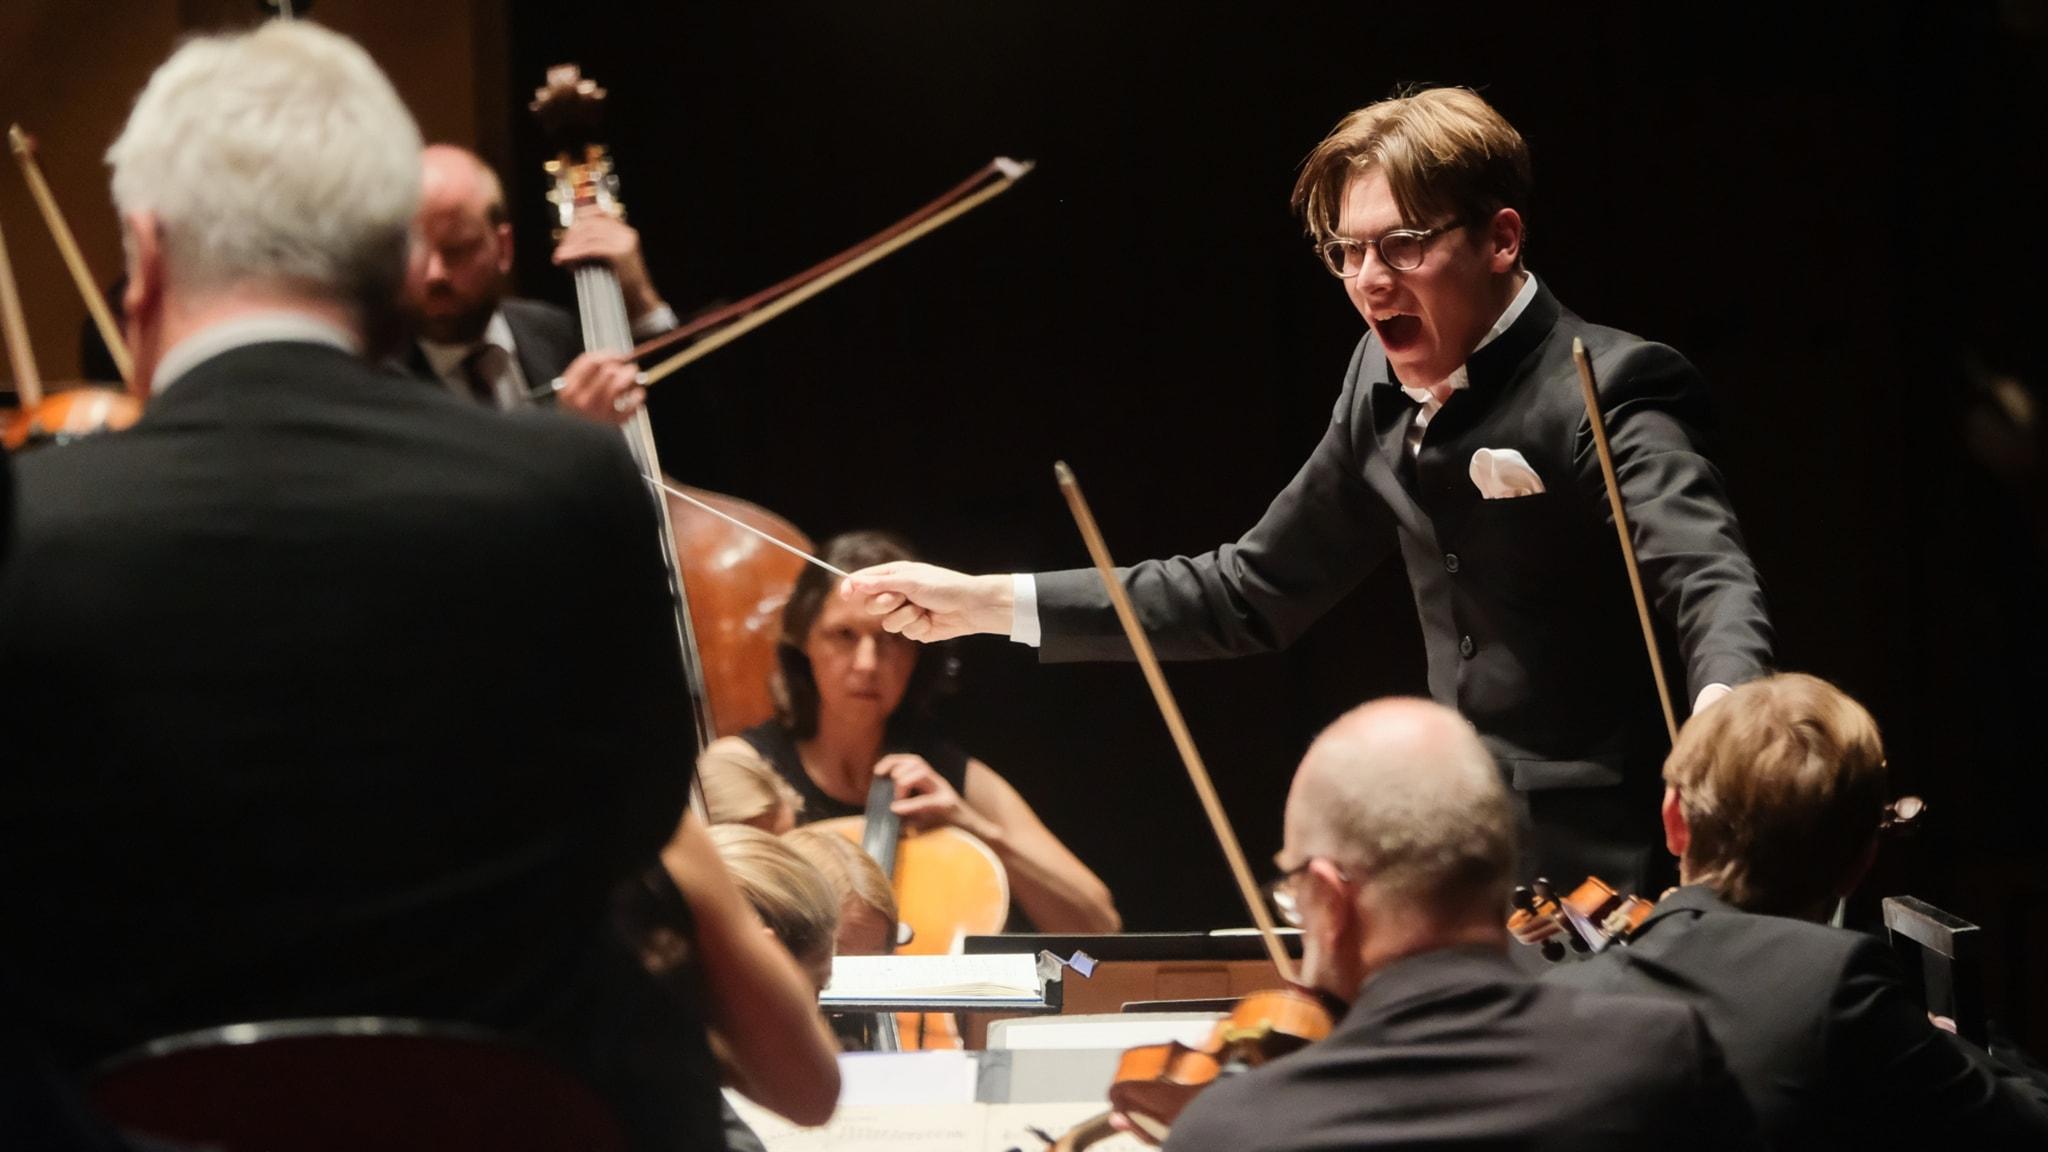 KONSERT: Sjostakovitjs femte symfoni och cellokonsert av Rautavaara